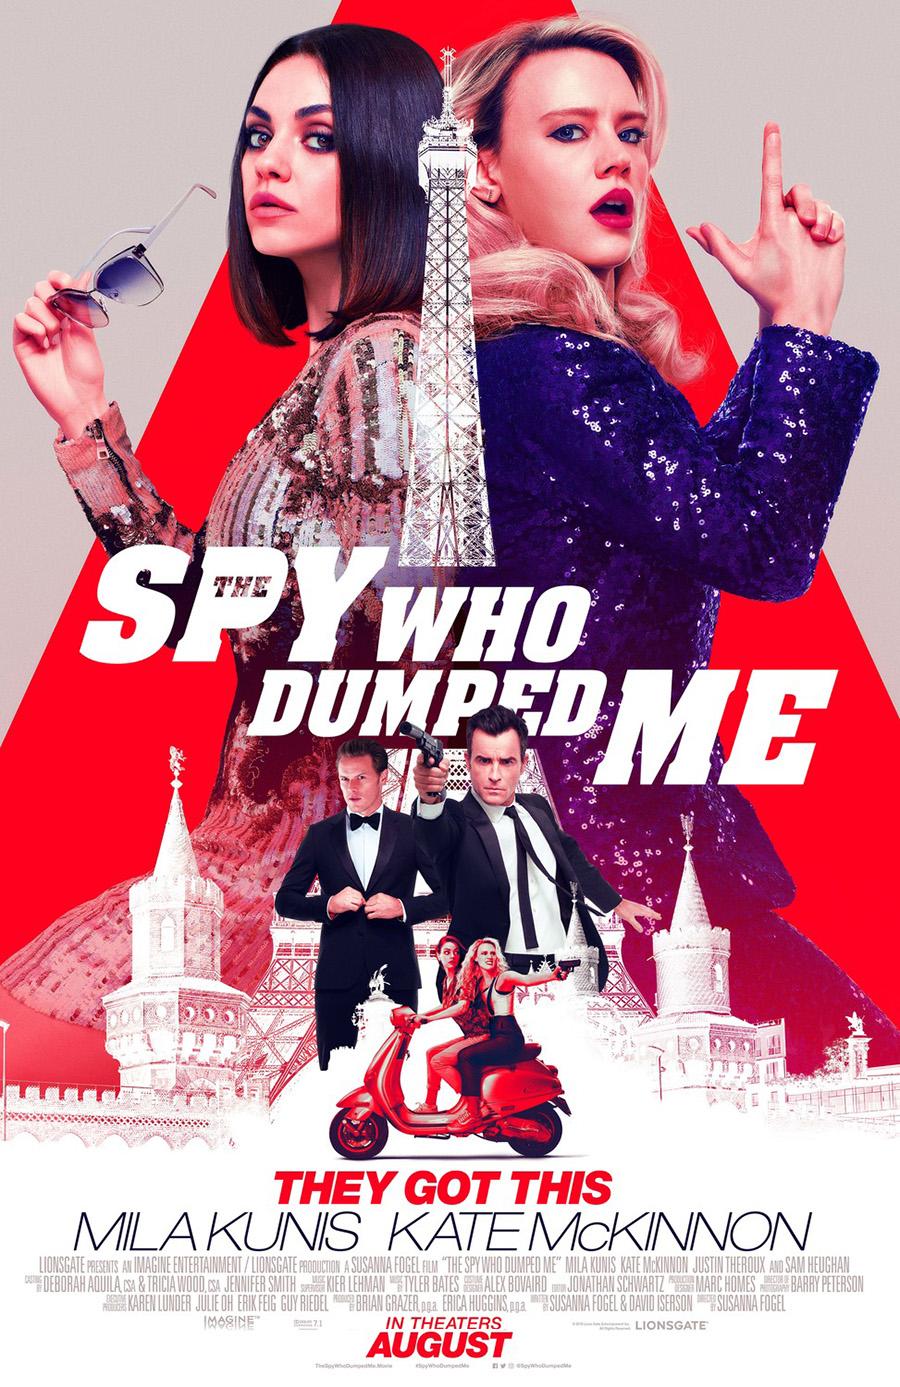 1 The Spy Who Dumped Me